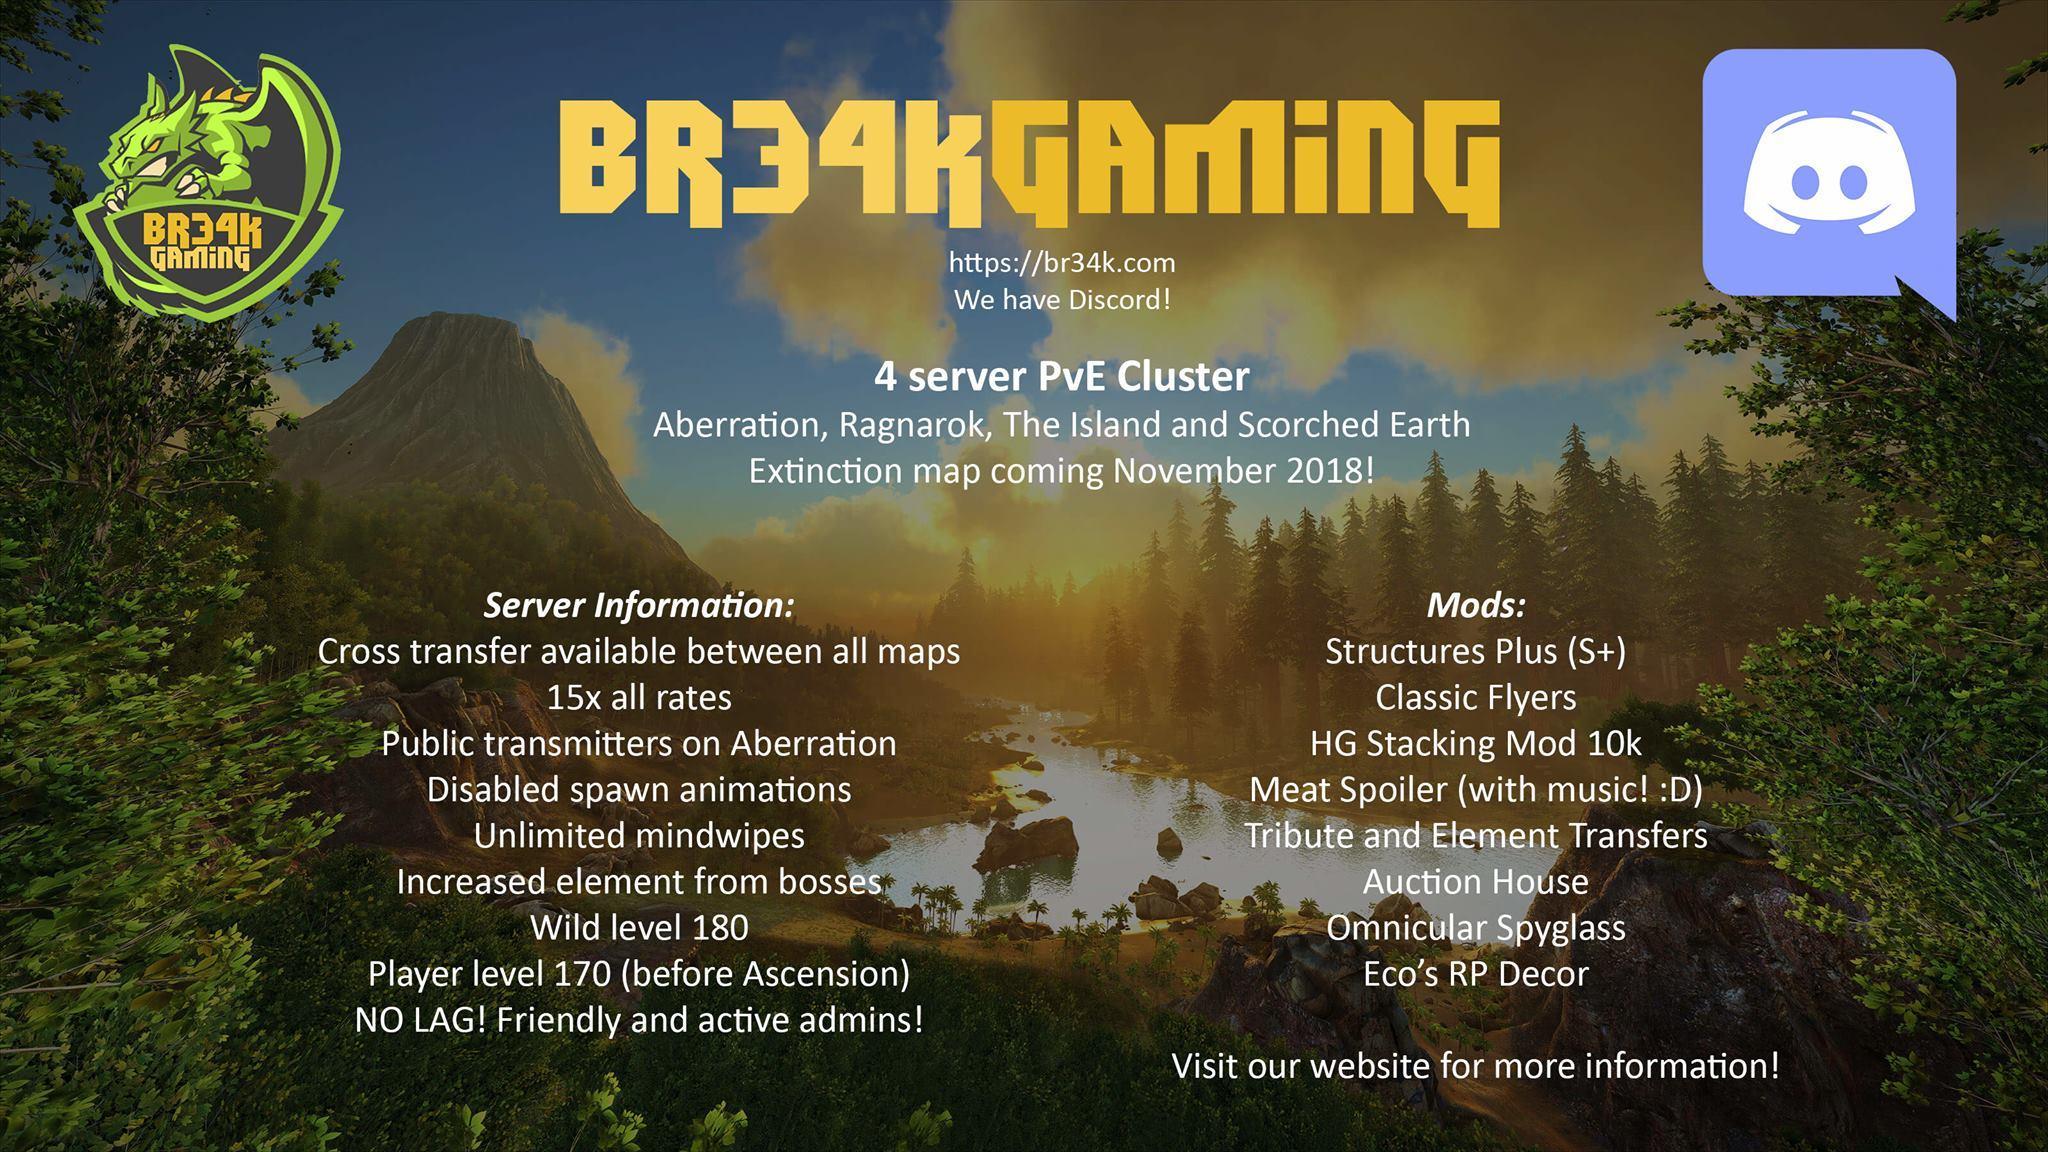 pve] BR34K GAMING 4 Server PvE Cluster (PC) - Server Advertisements